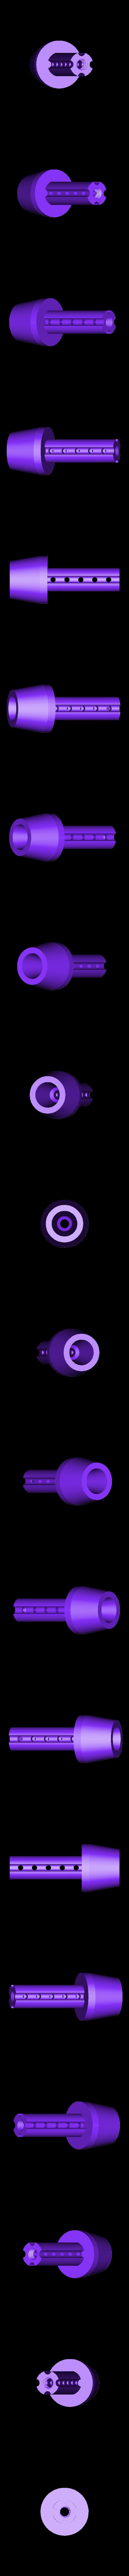 24mmLongLMU.stl Télécharger fichier STL gratuit Injecteur de graisse pour roulements LMU • Modèle imprimable en 3D, Thomllama